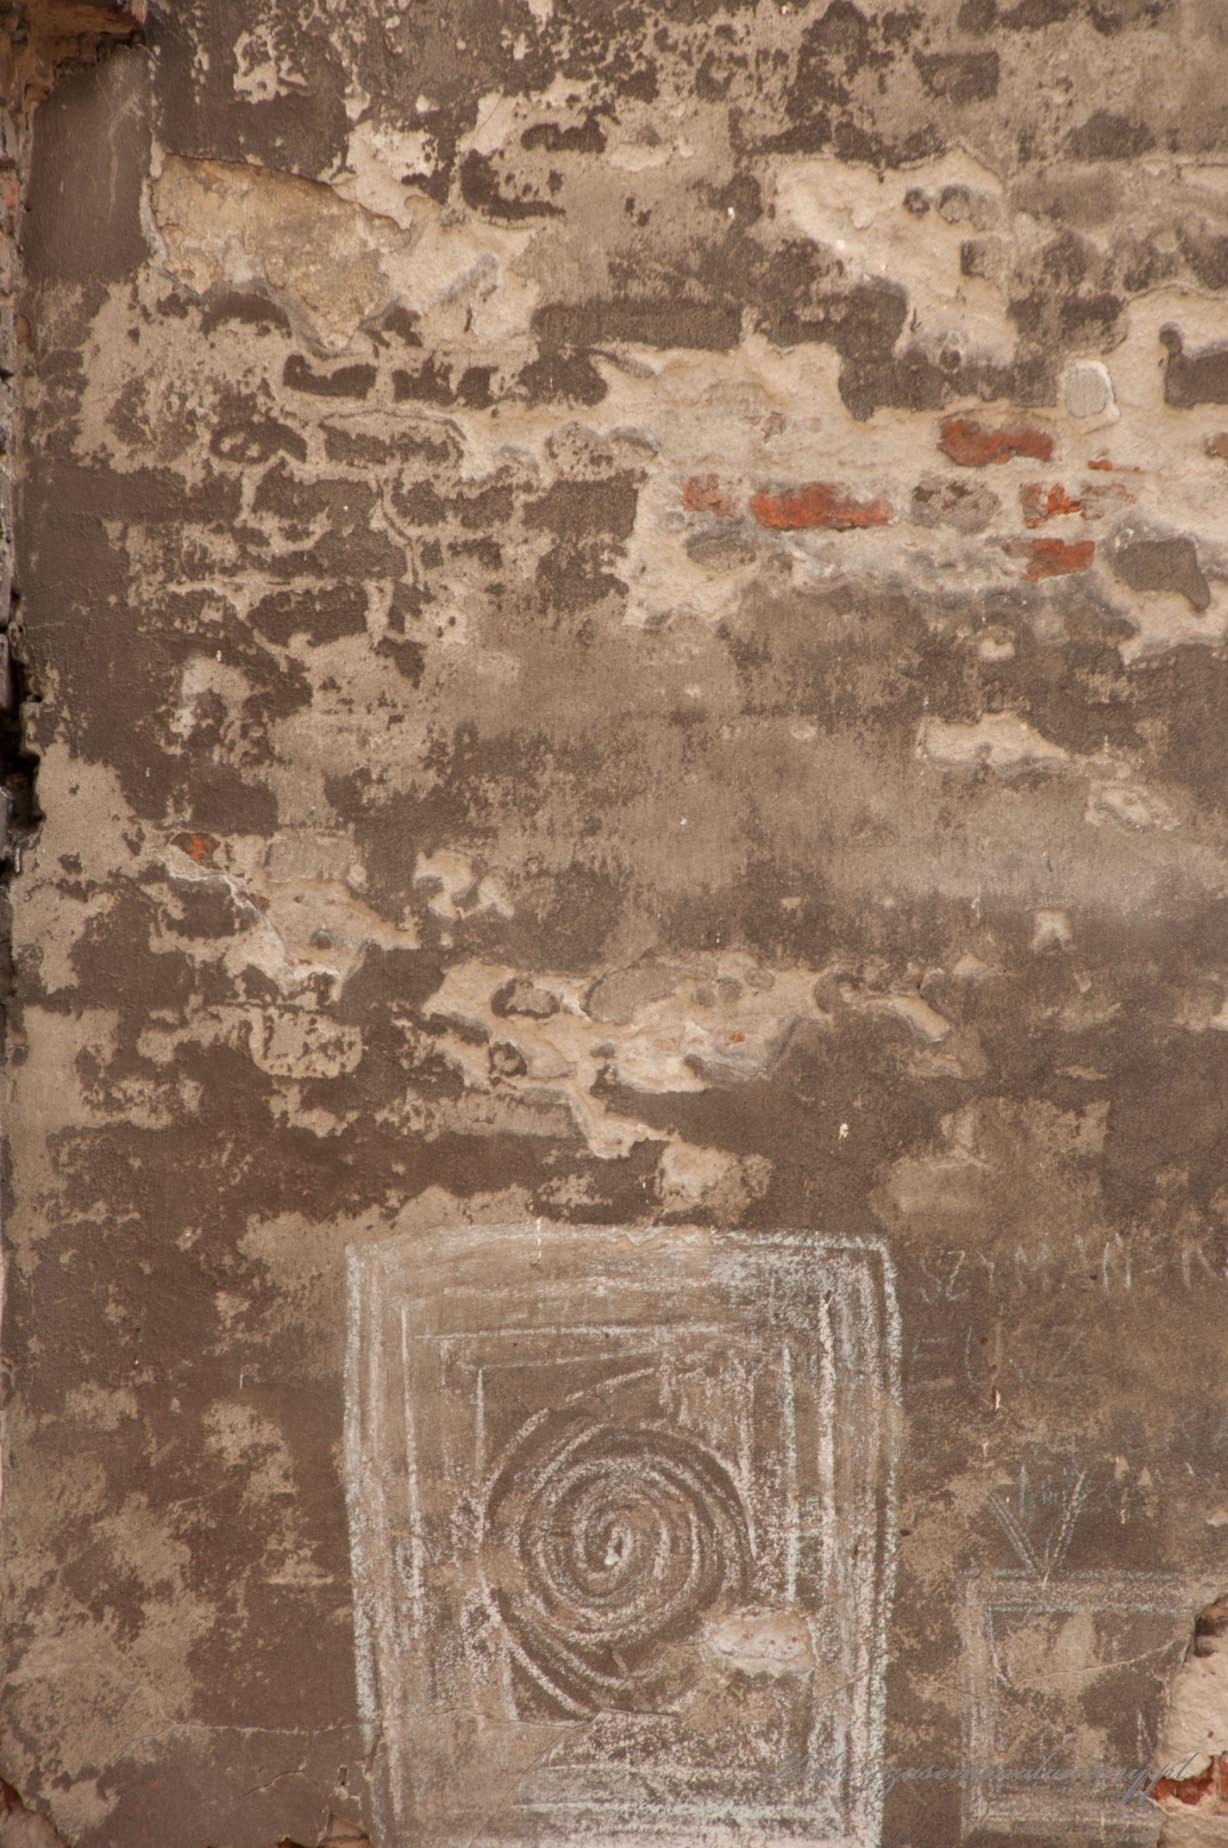 graffiti-28